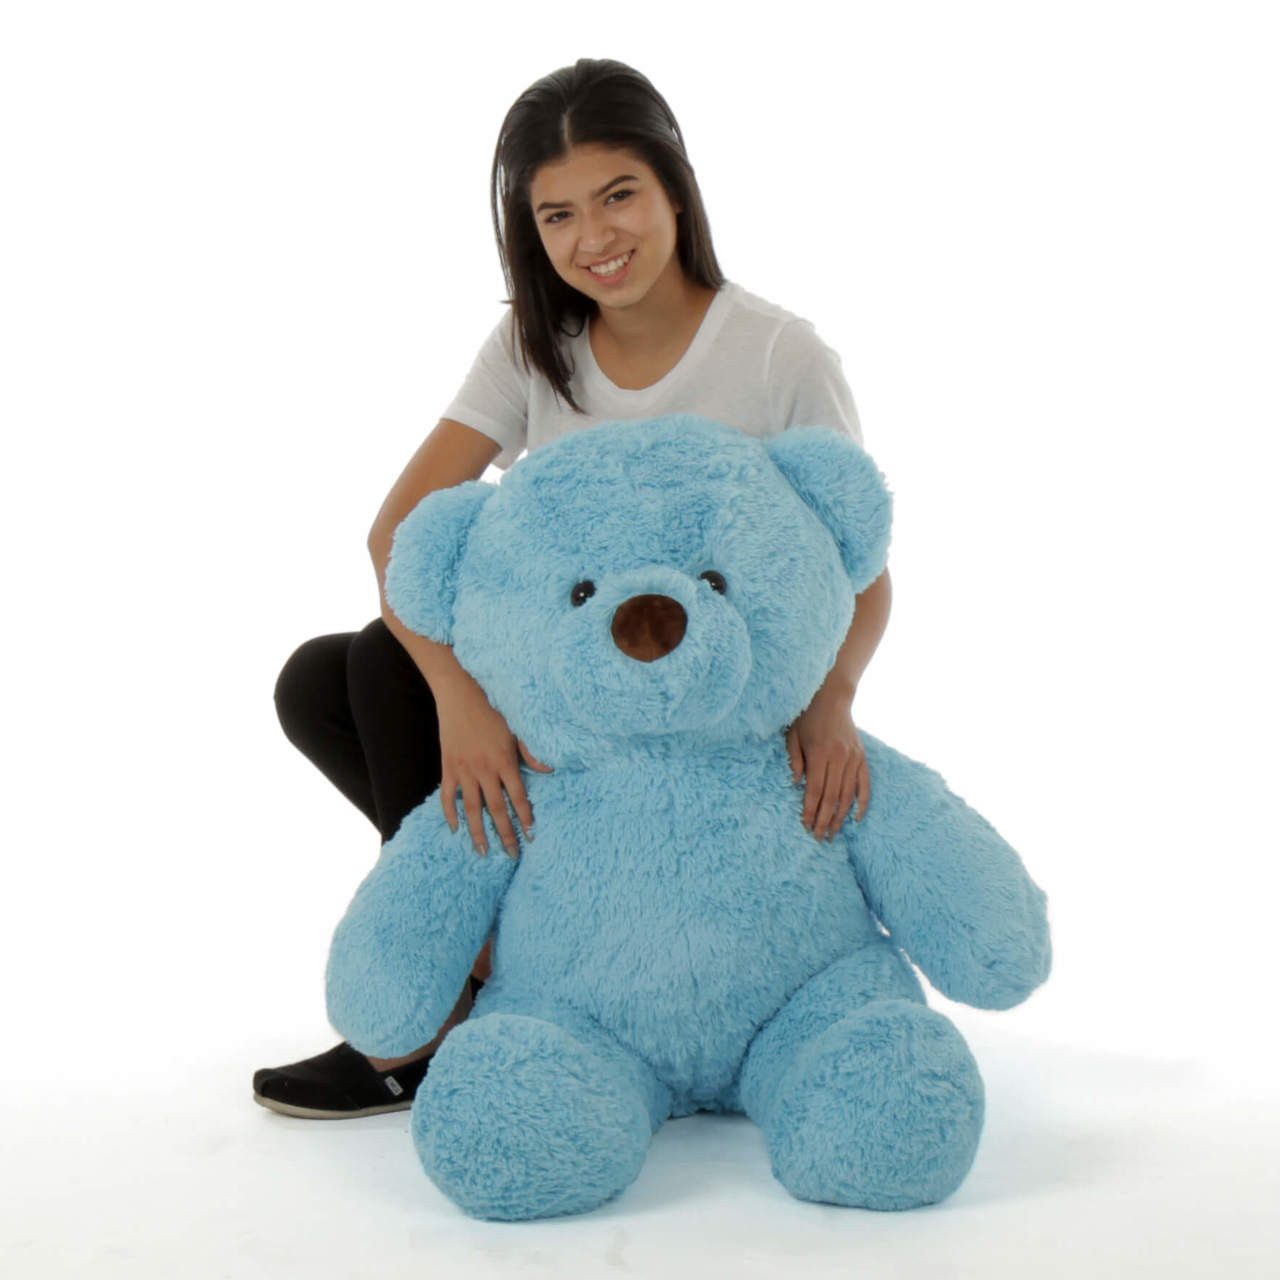 Big Blue Teddy Bear Sammy Chubs 38in